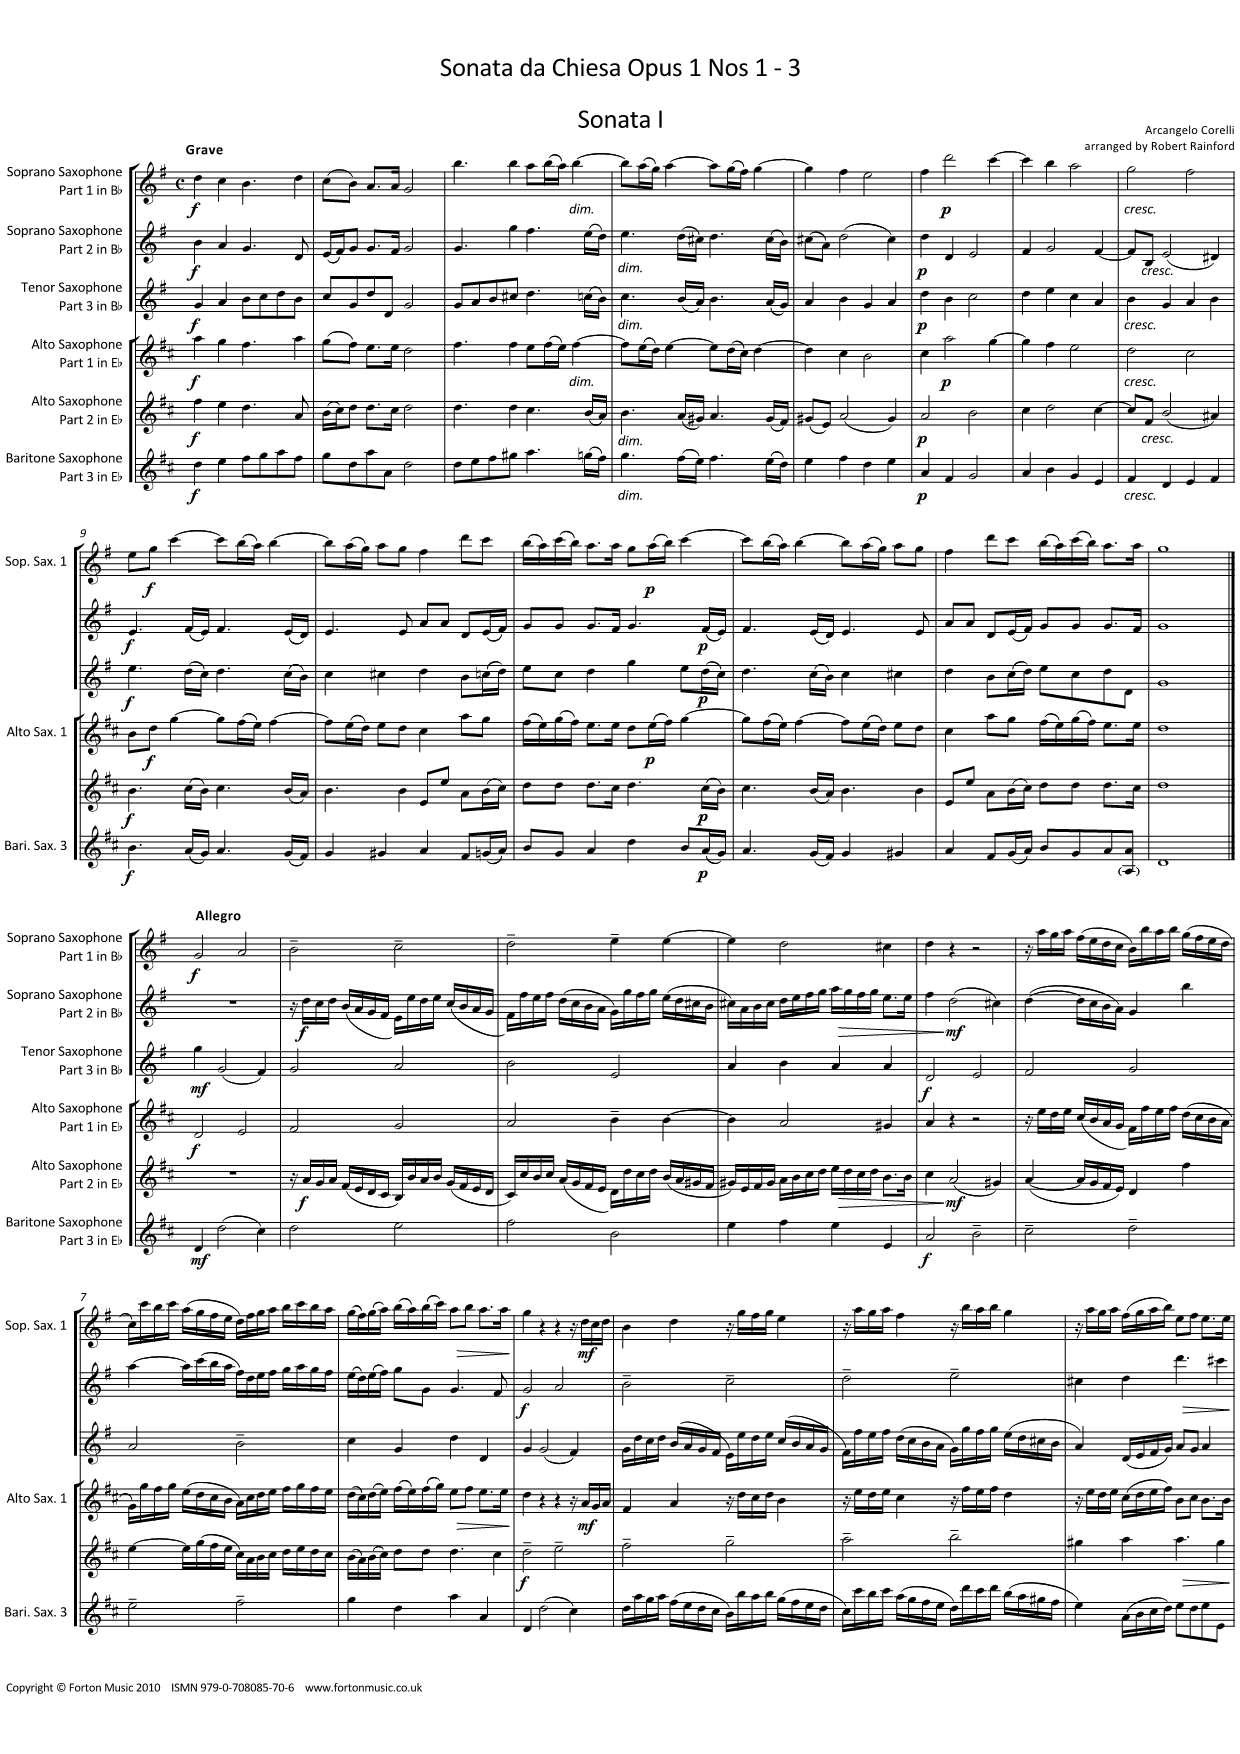 Sonata da Chiesa opus 1 nos 1-3